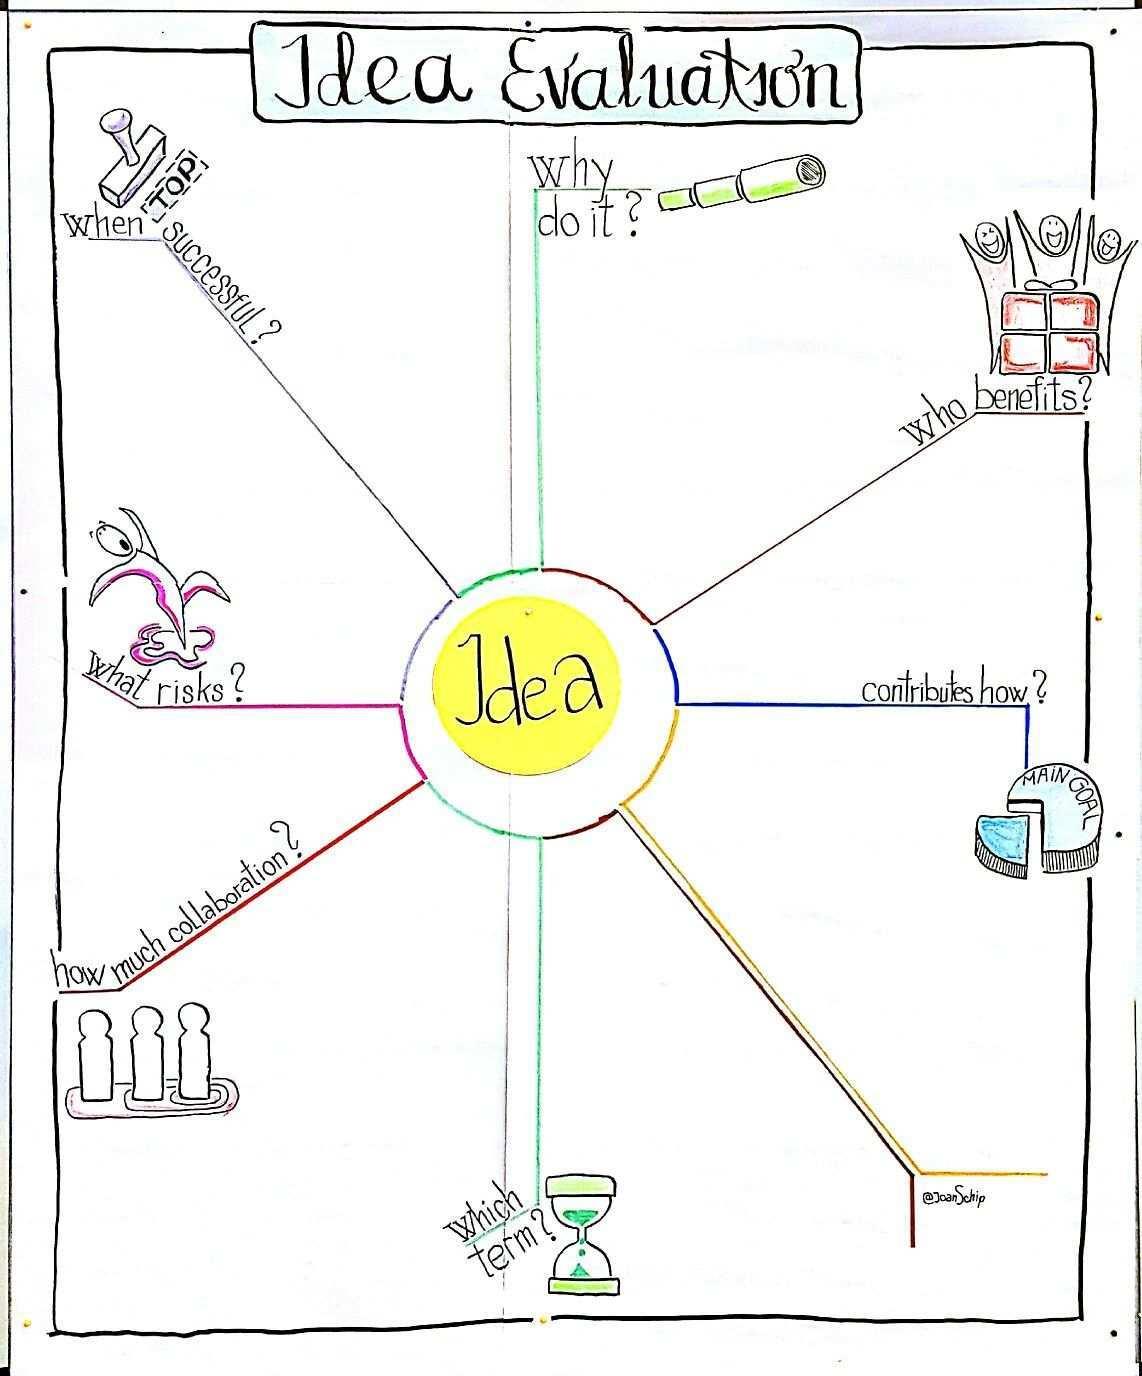 Template Idea Evaluation Flipcharts Flipchart Gestalten Visualisierung